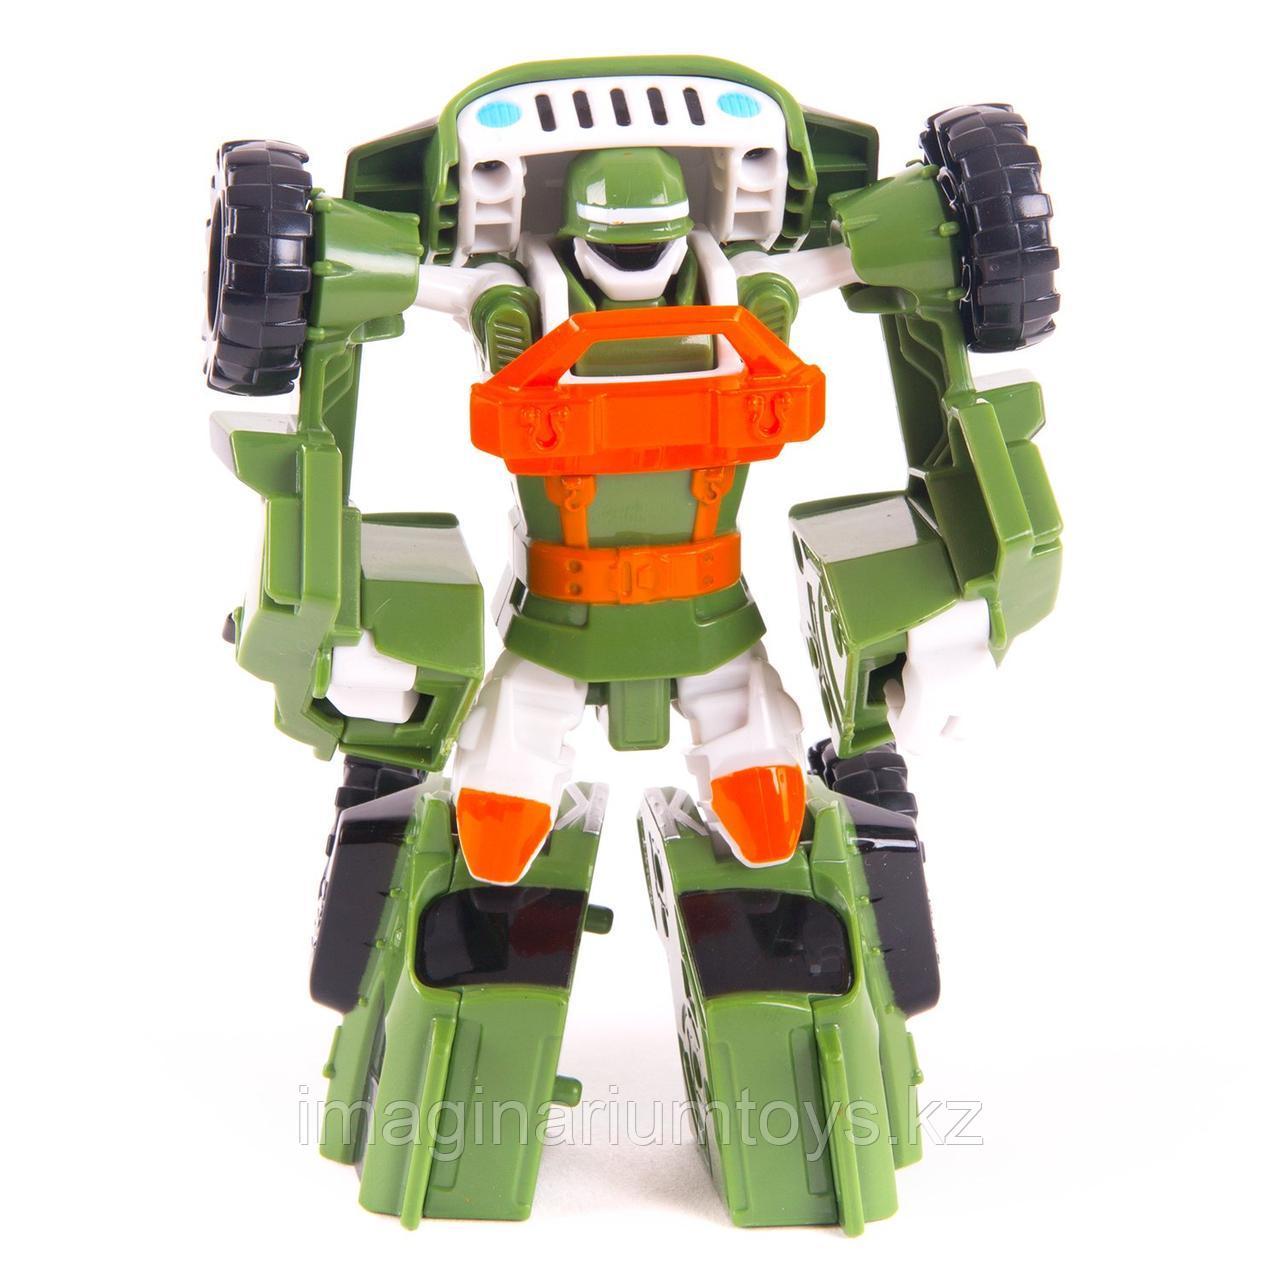 Тобот мини K робот трансформер